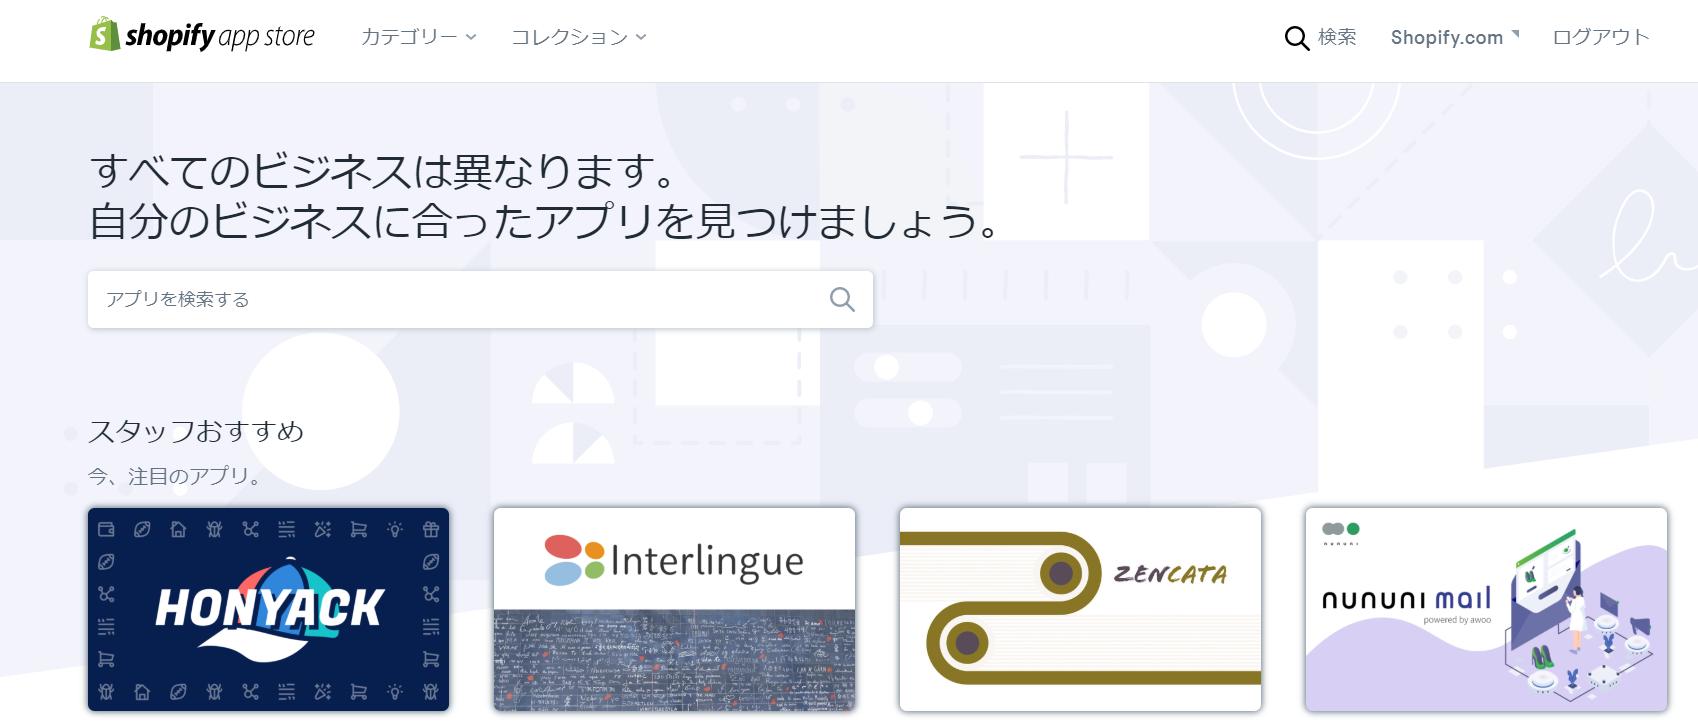 shopifyアプリ